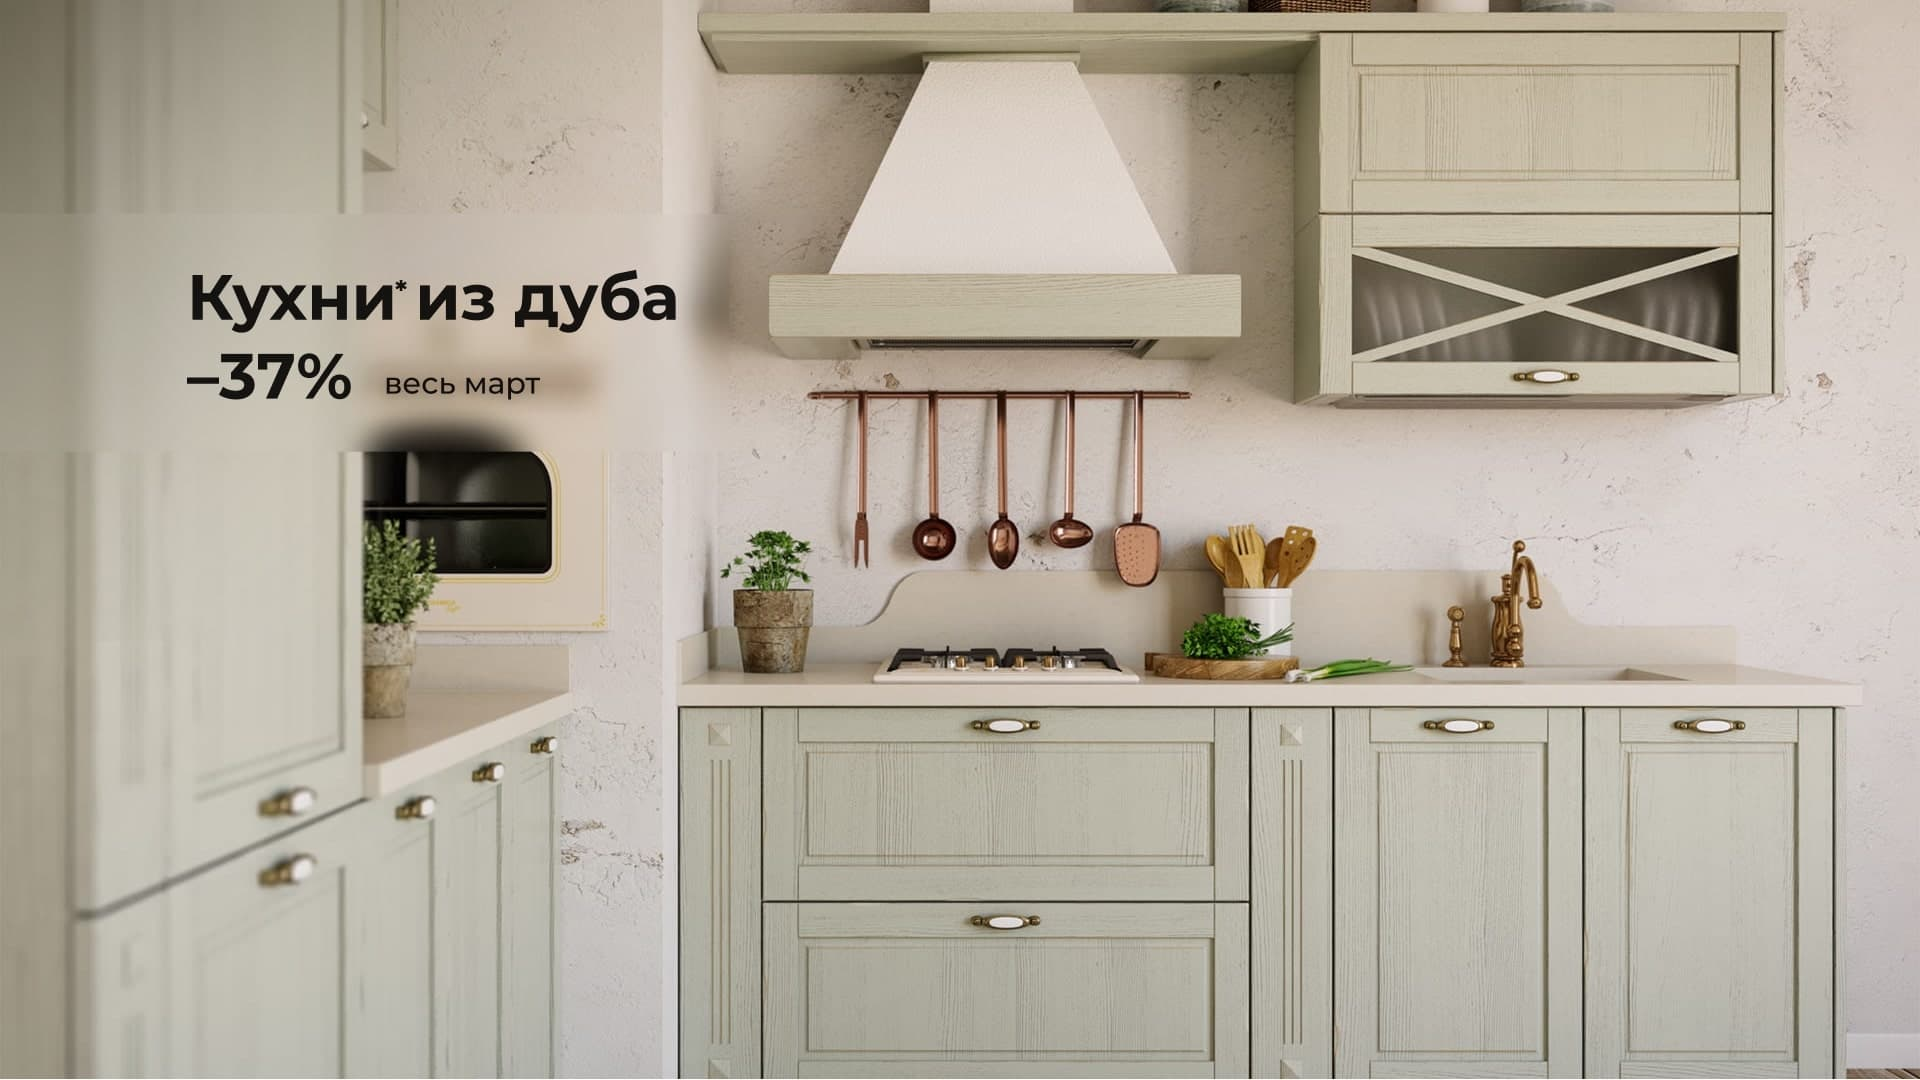 Скидки на кухни